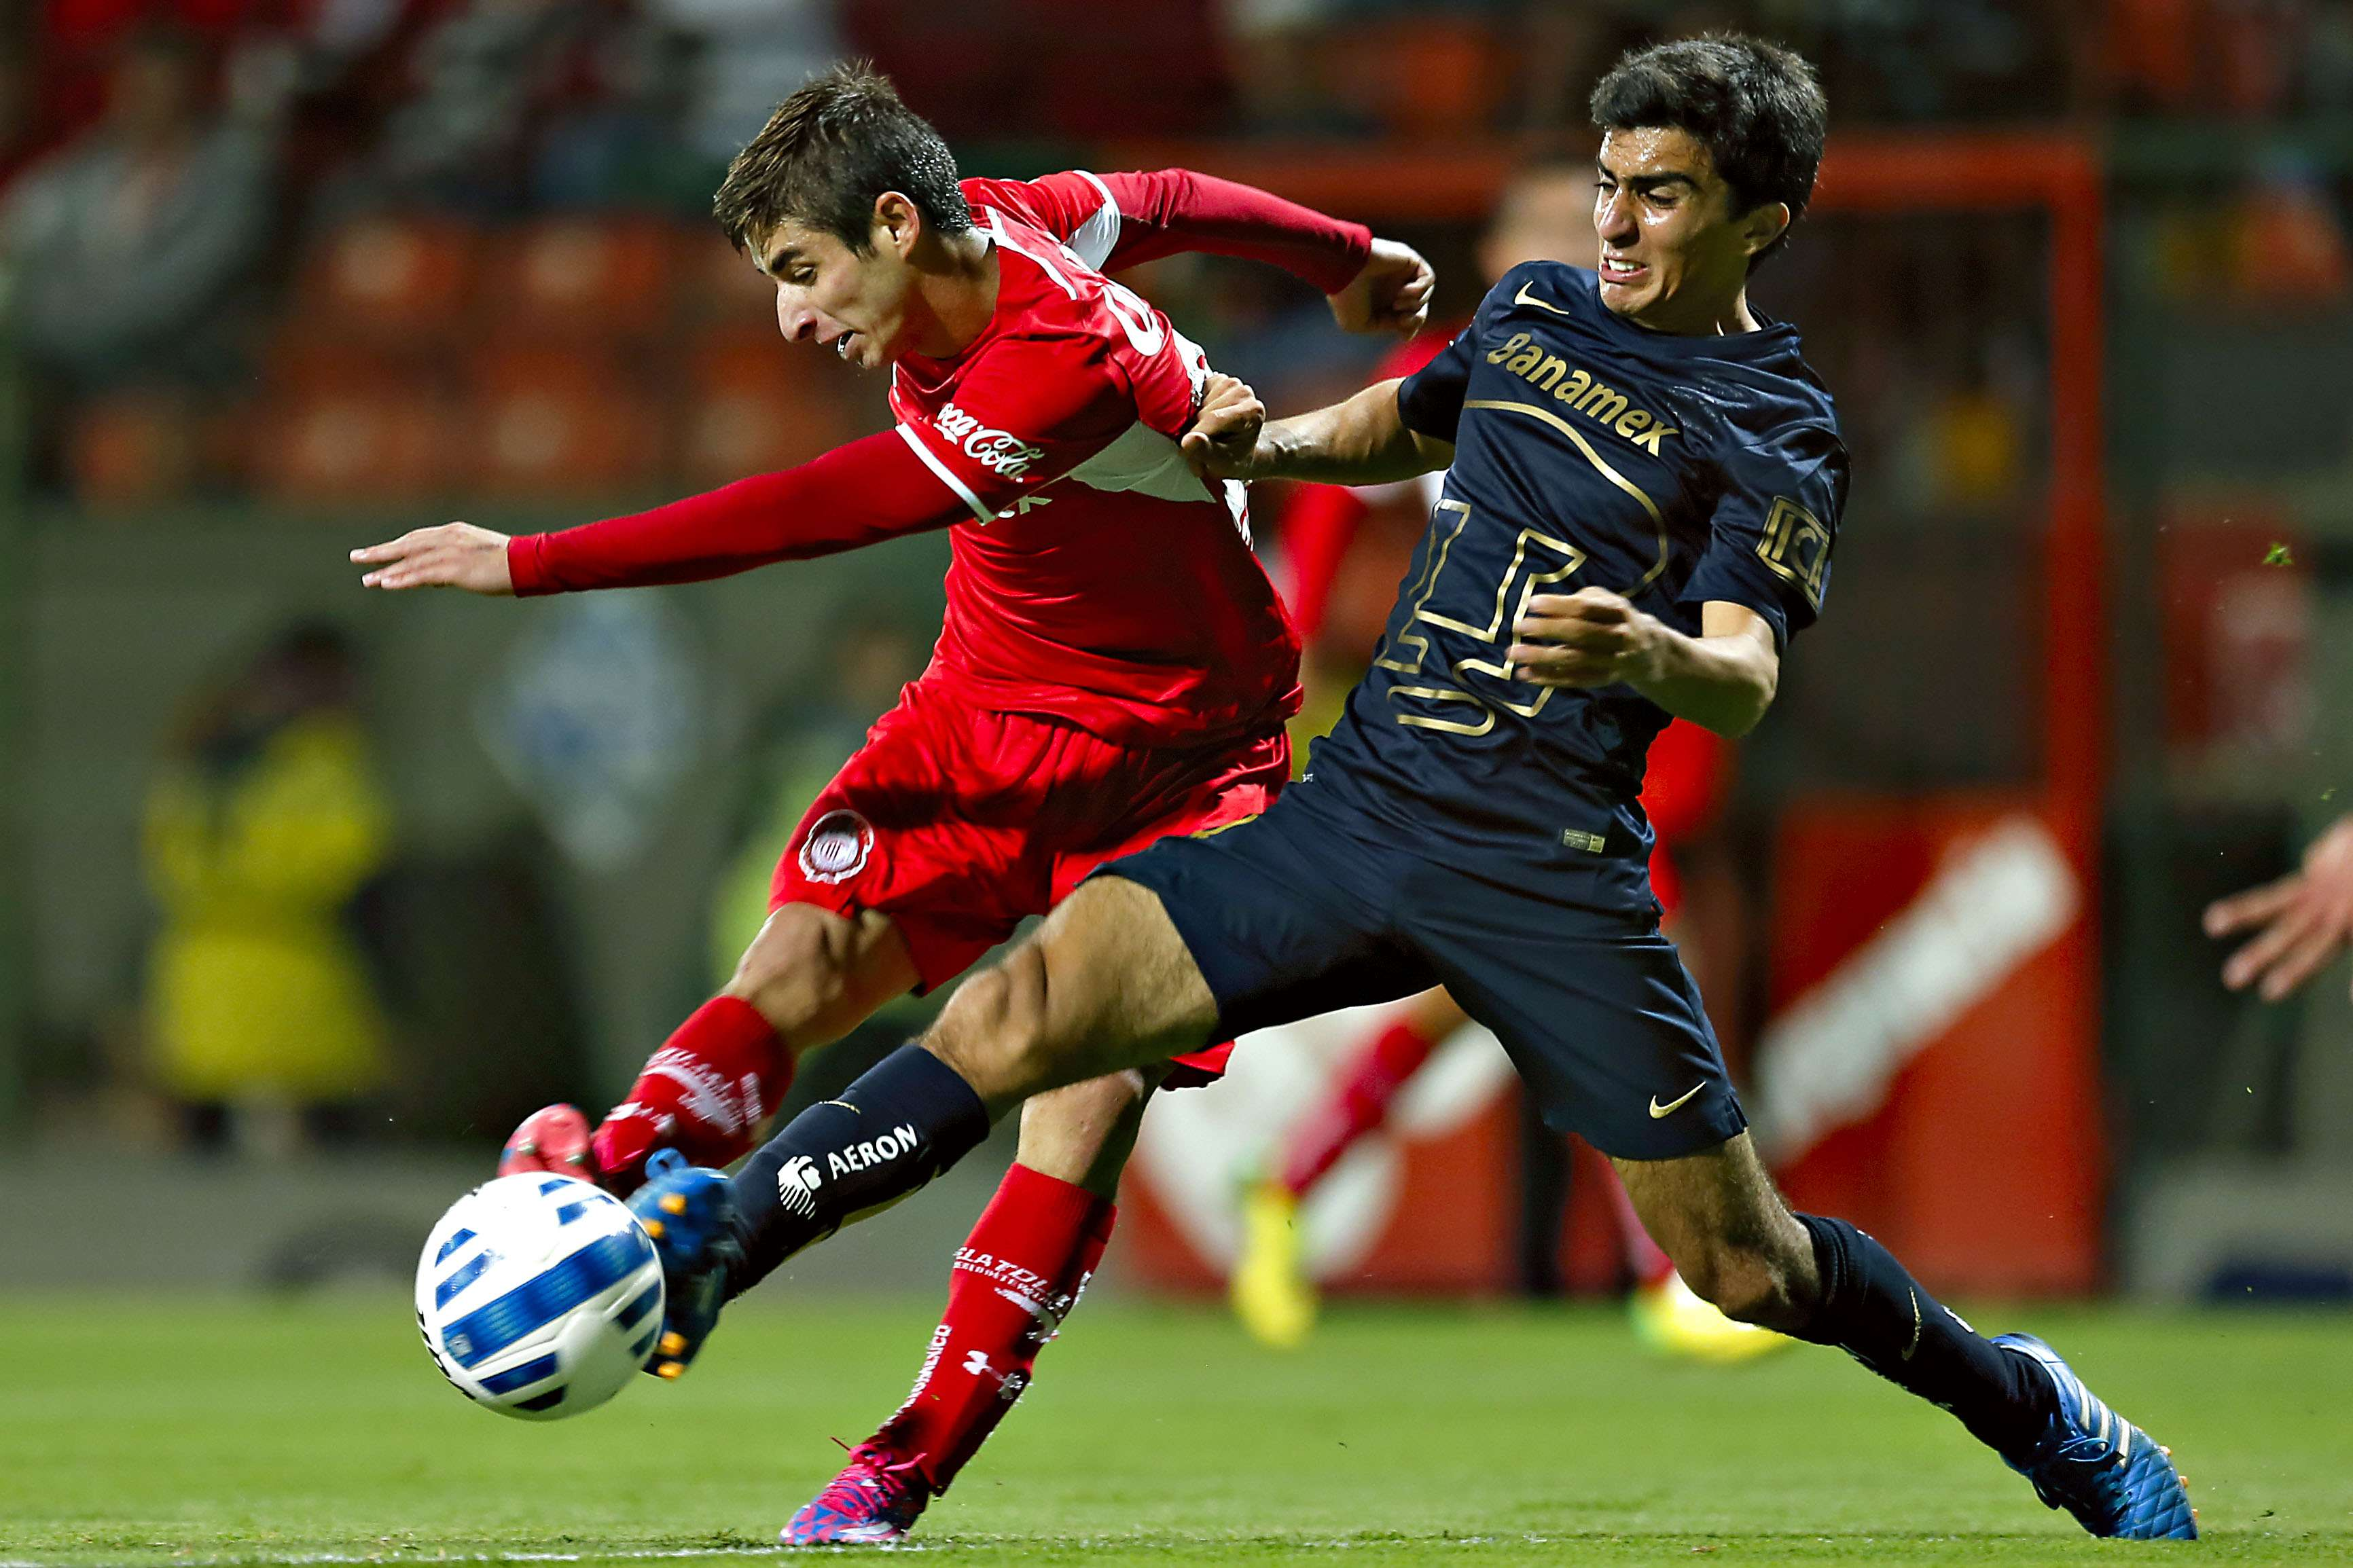 Toluca ganaba 2-0 y un juvenil Pumas logró el empate a dos, en duelo celebrado en el estadio Nemesio Diez. Foto: Imago7